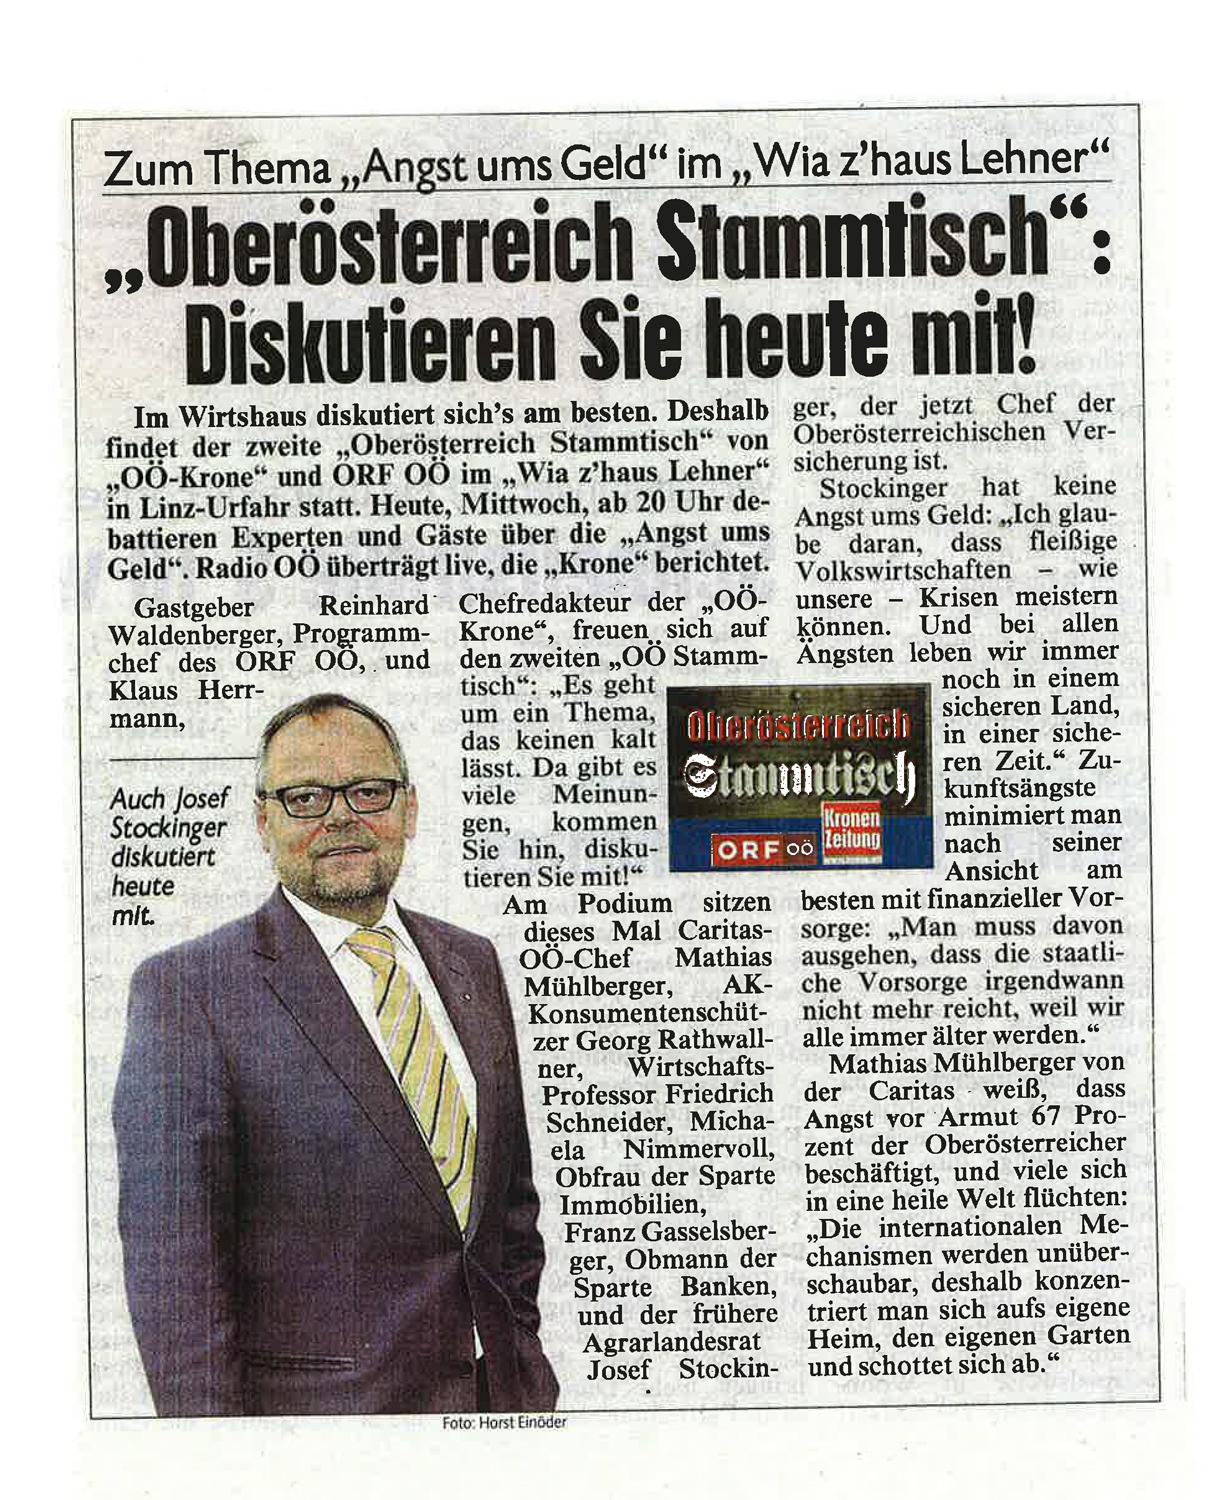 Wiazhaus_Lehner_Presse_14